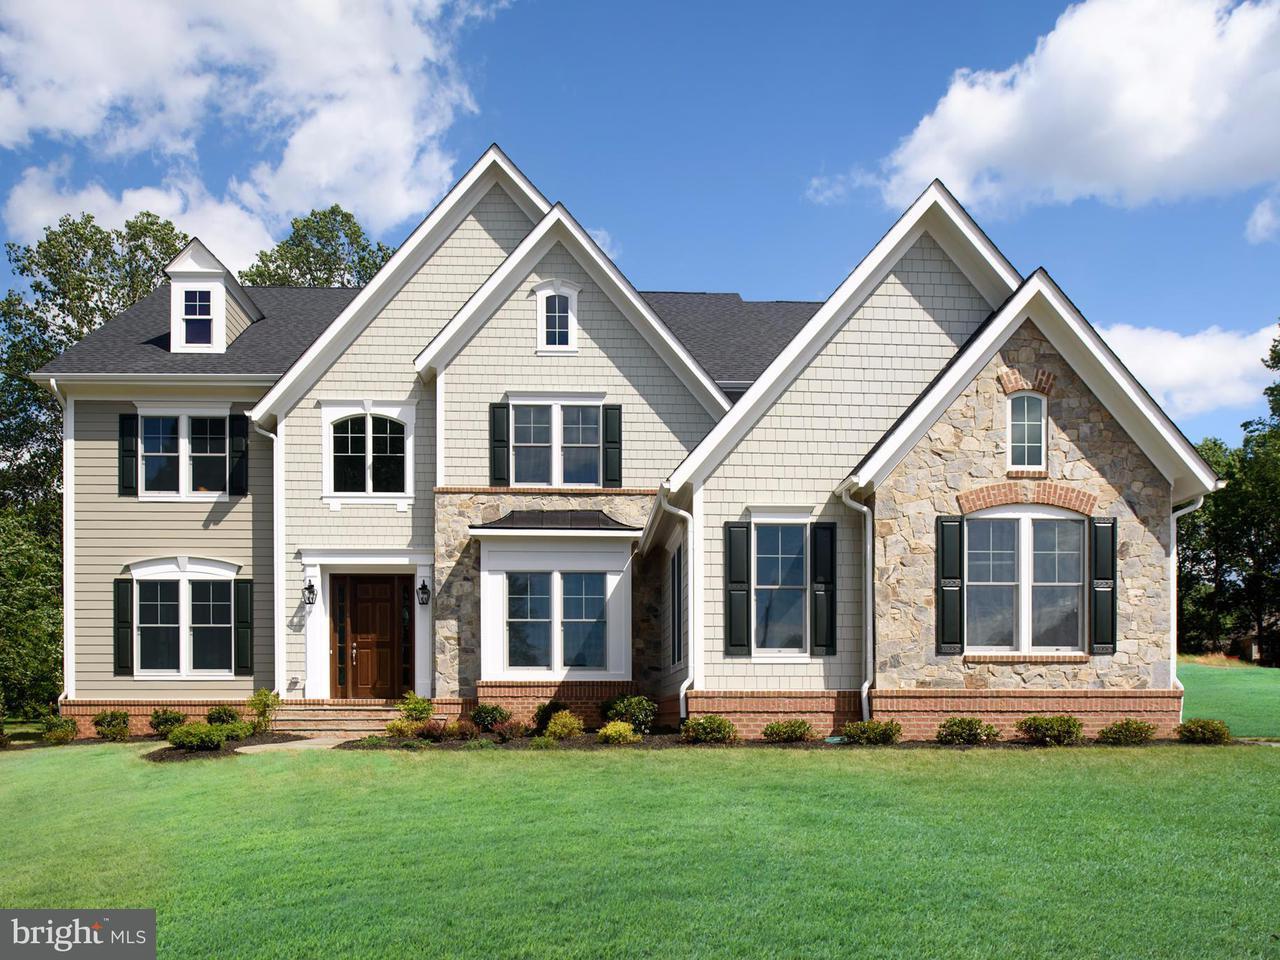 獨棟家庭住宅 為 出售 在 10819 TRADEWIND Drive 10819 TRADEWIND Drive Oakton, 弗吉尼亞州 22124 美國